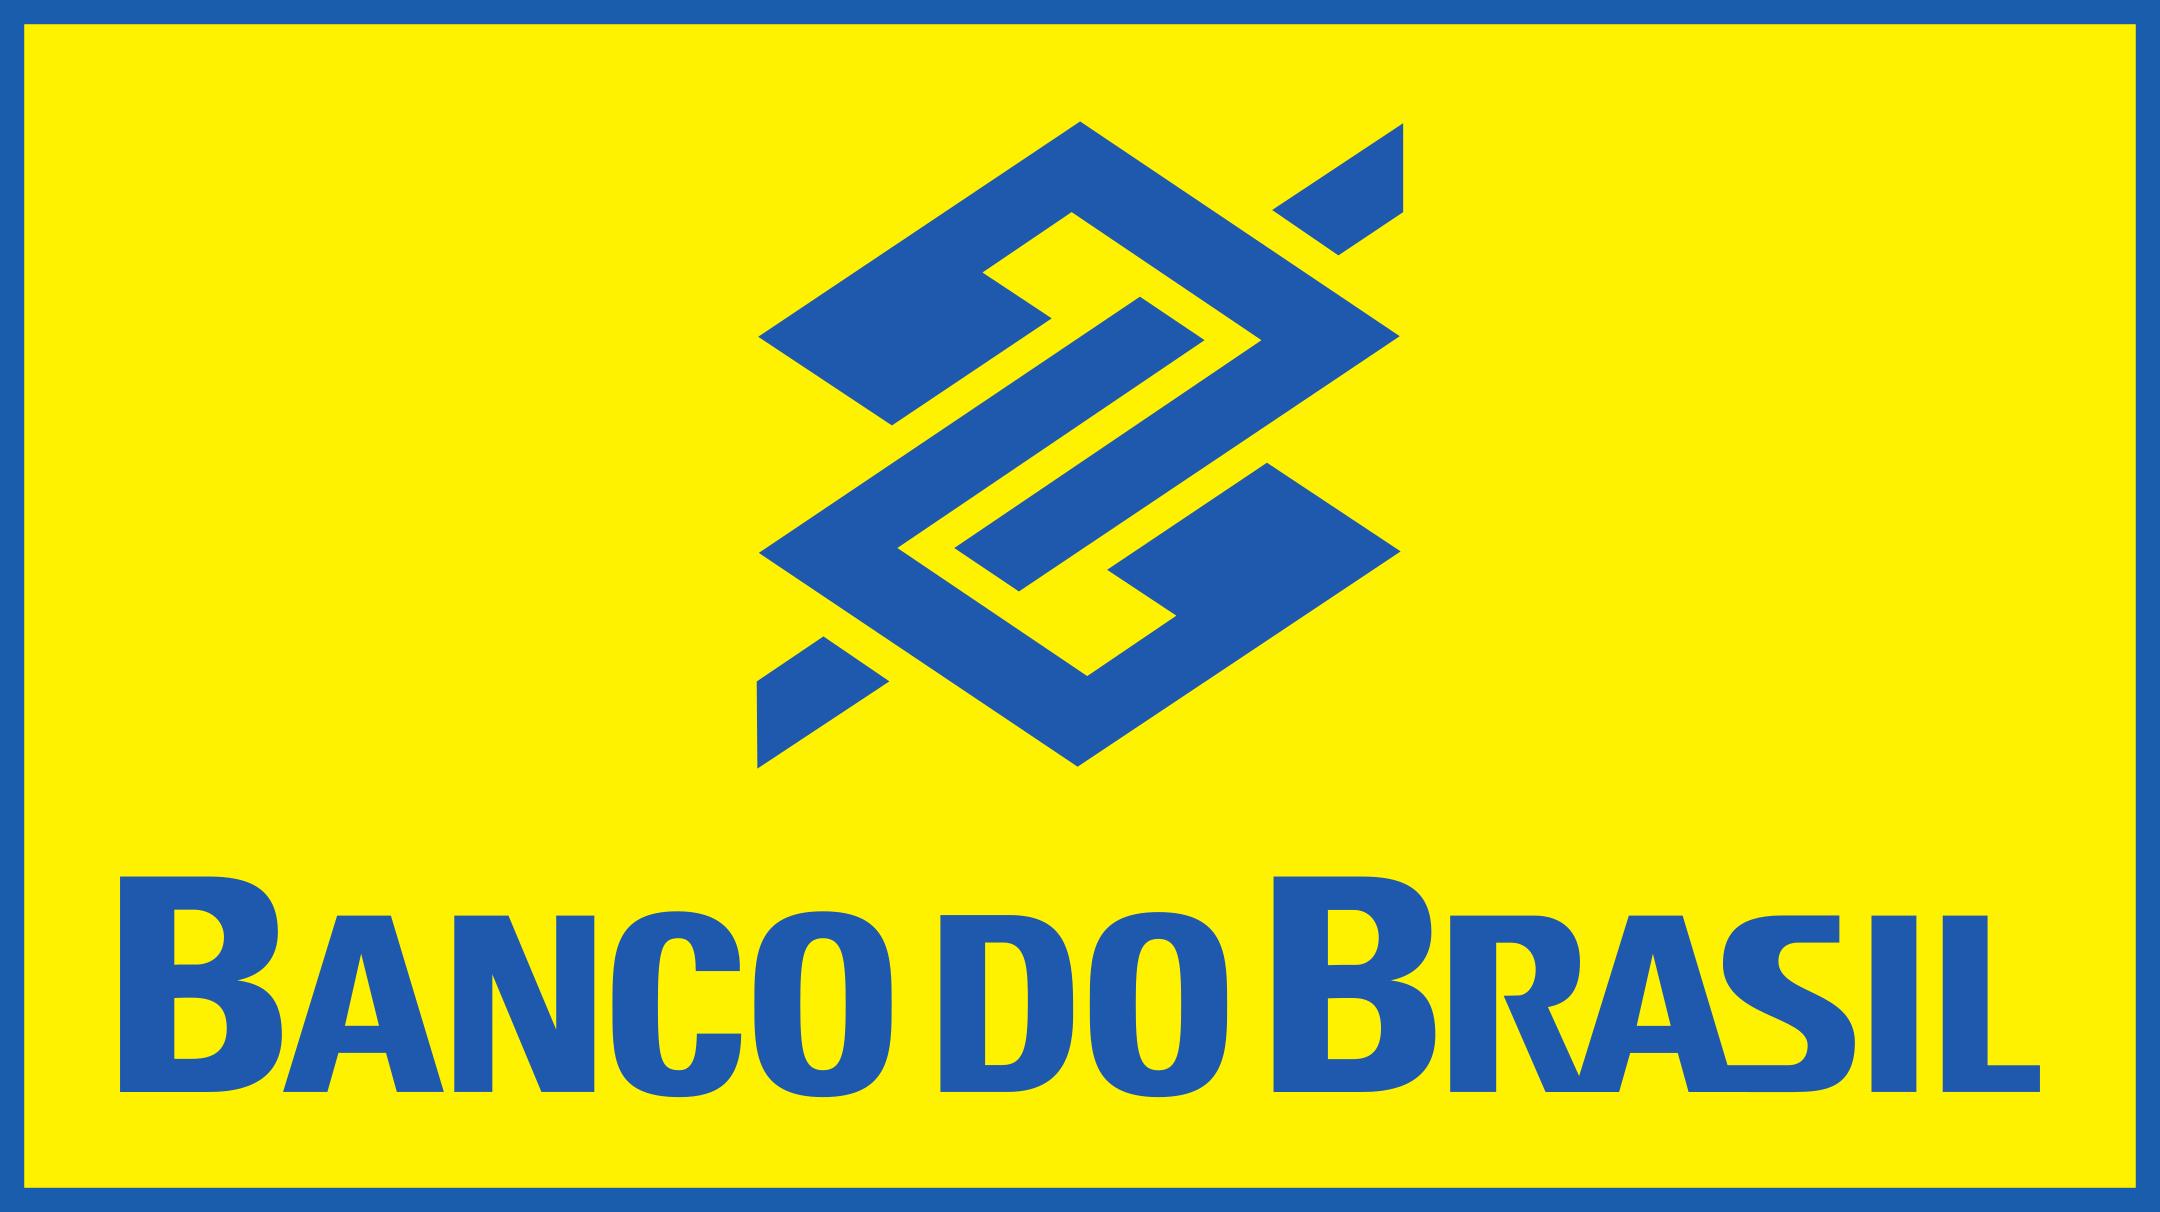 banco do brasil logo 3 - Banco do Brasil Logo